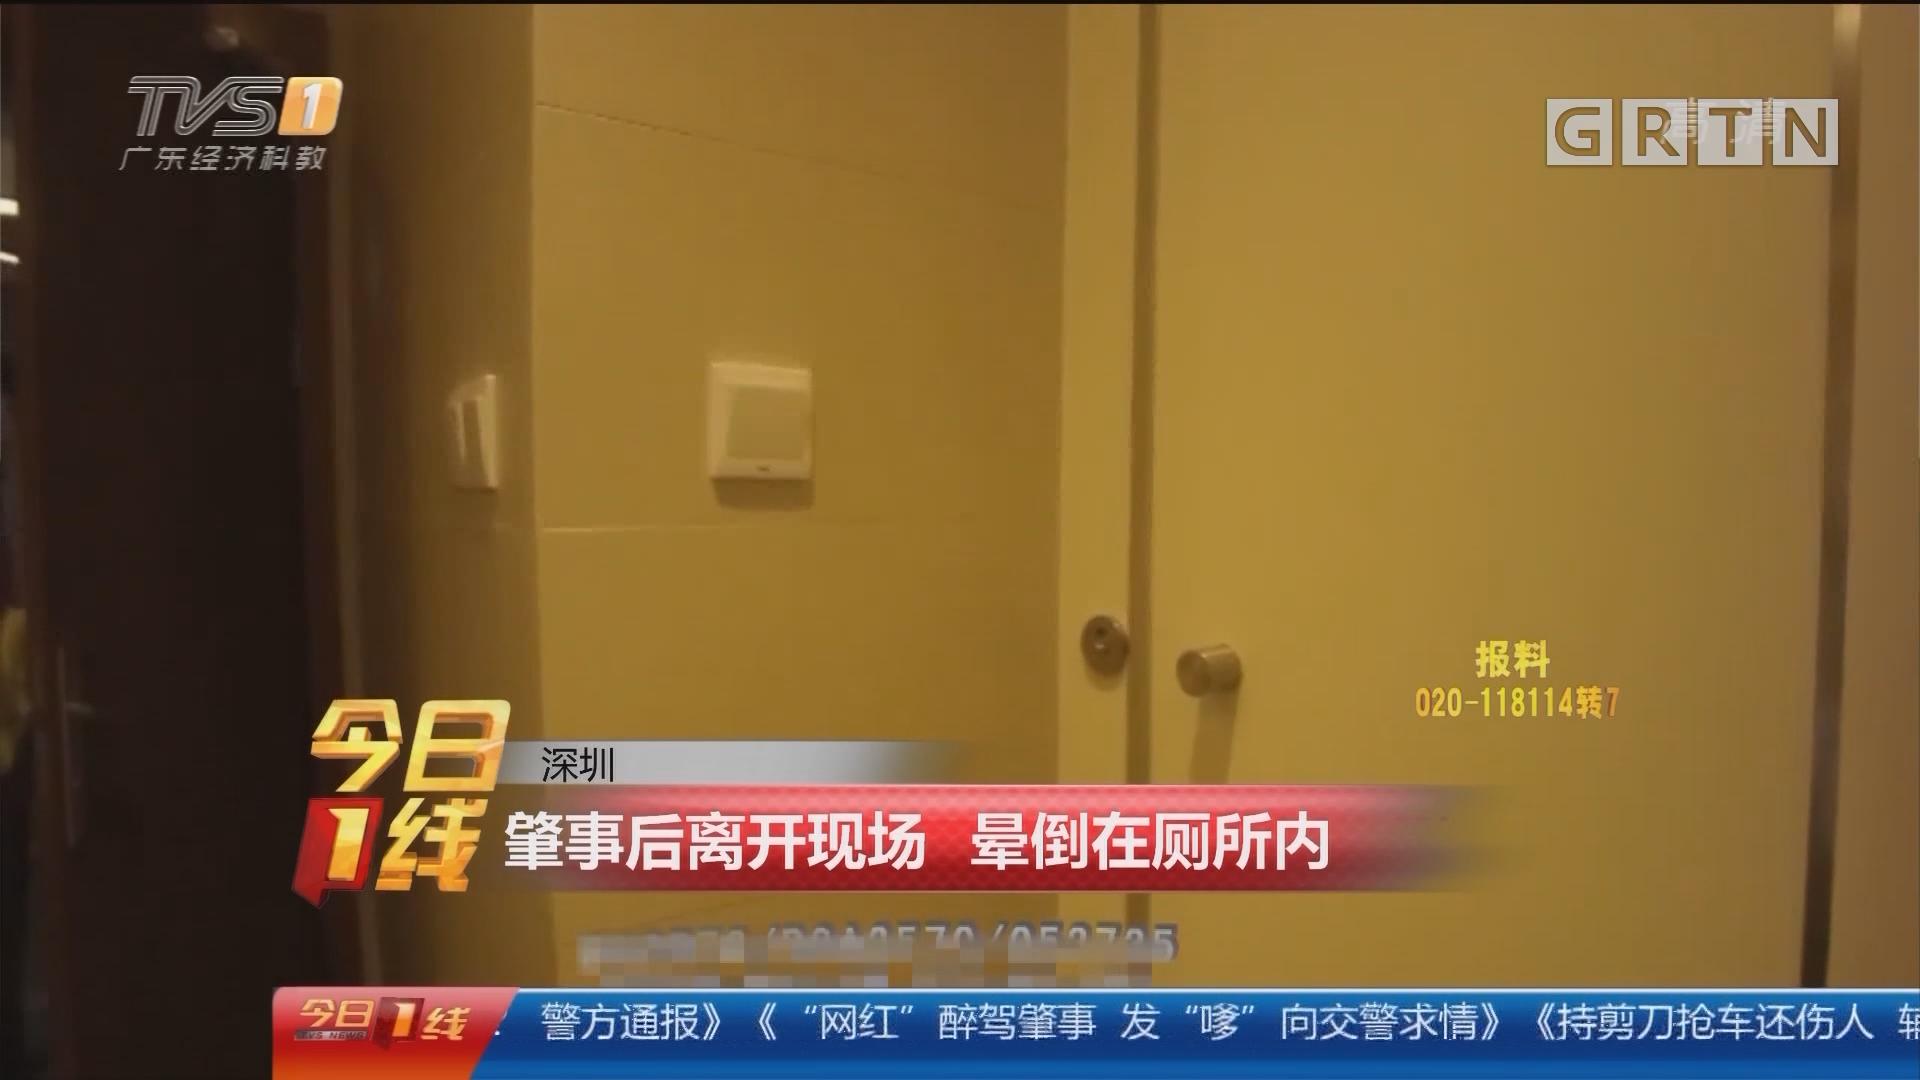 深圳:肇事后离开现场 晕倒在厕所内